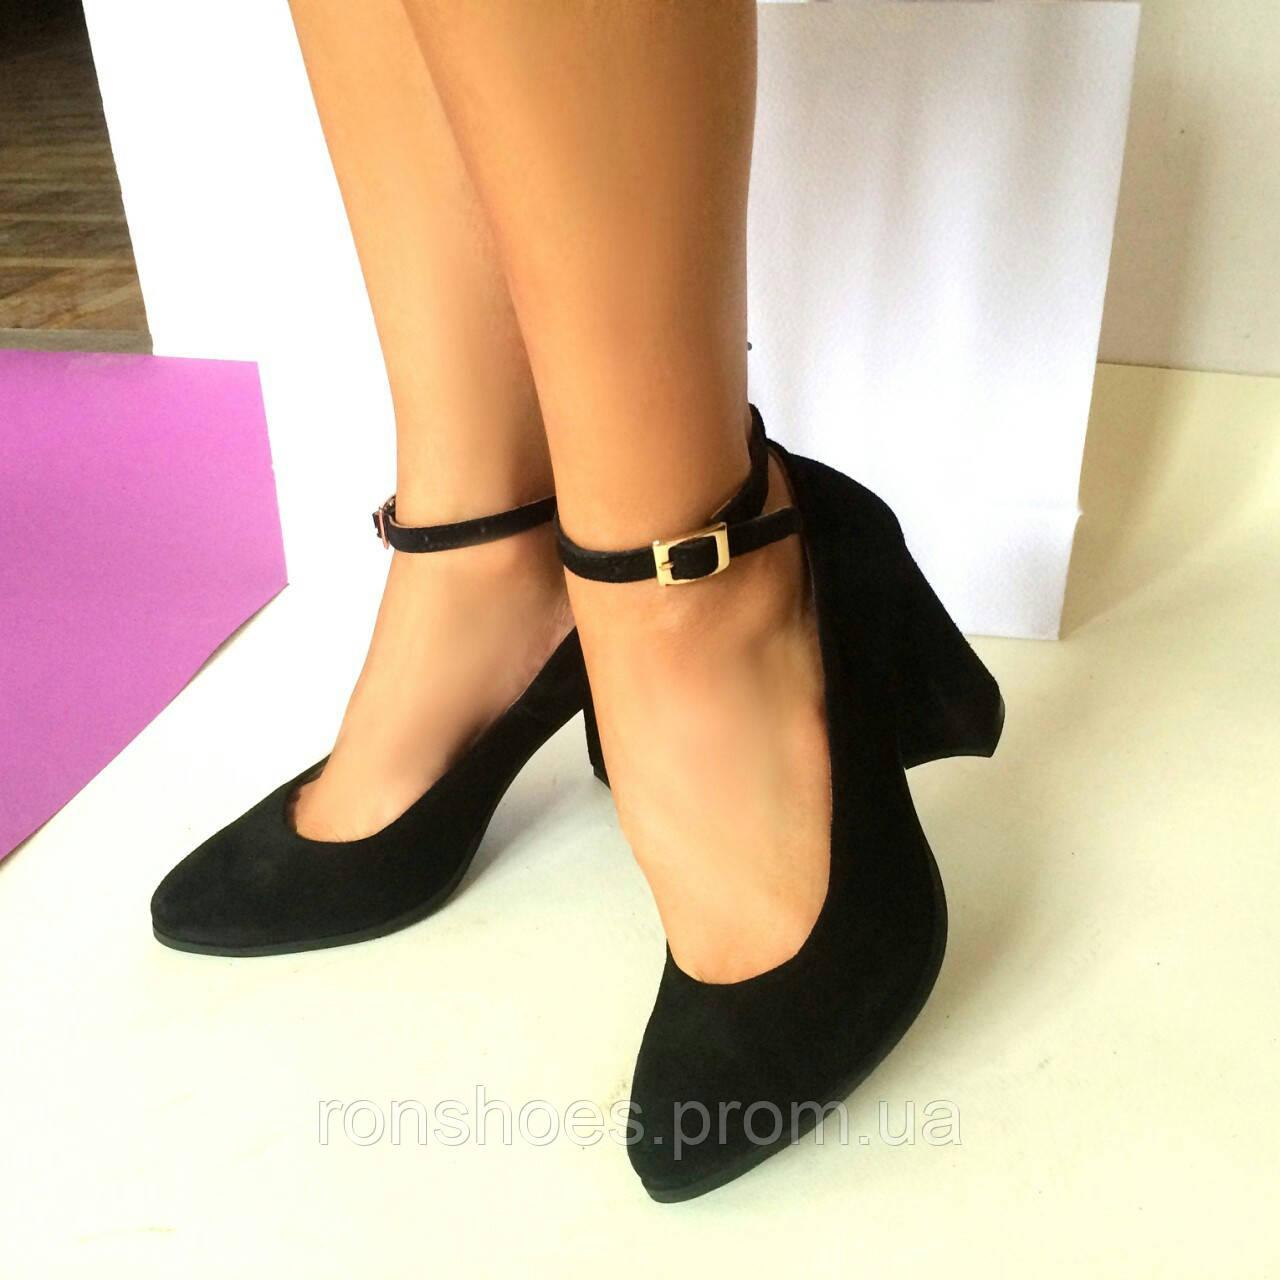 9e124a9499df Купить Стильные женские туфли от TroisRois из натурального турецкого замша  в ...